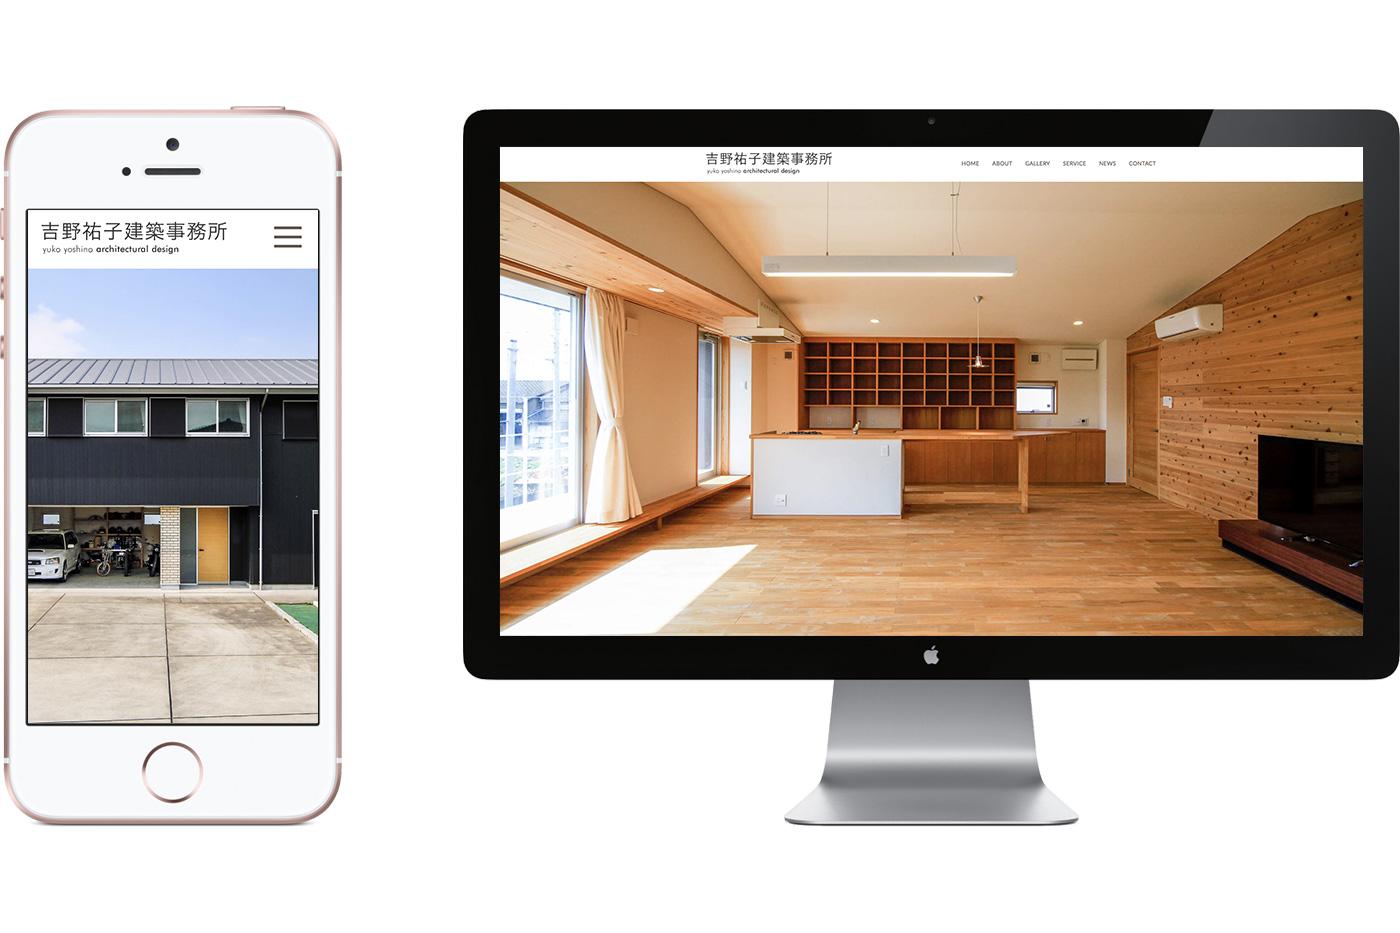 吉野祐子建築事務所ホームページ制作